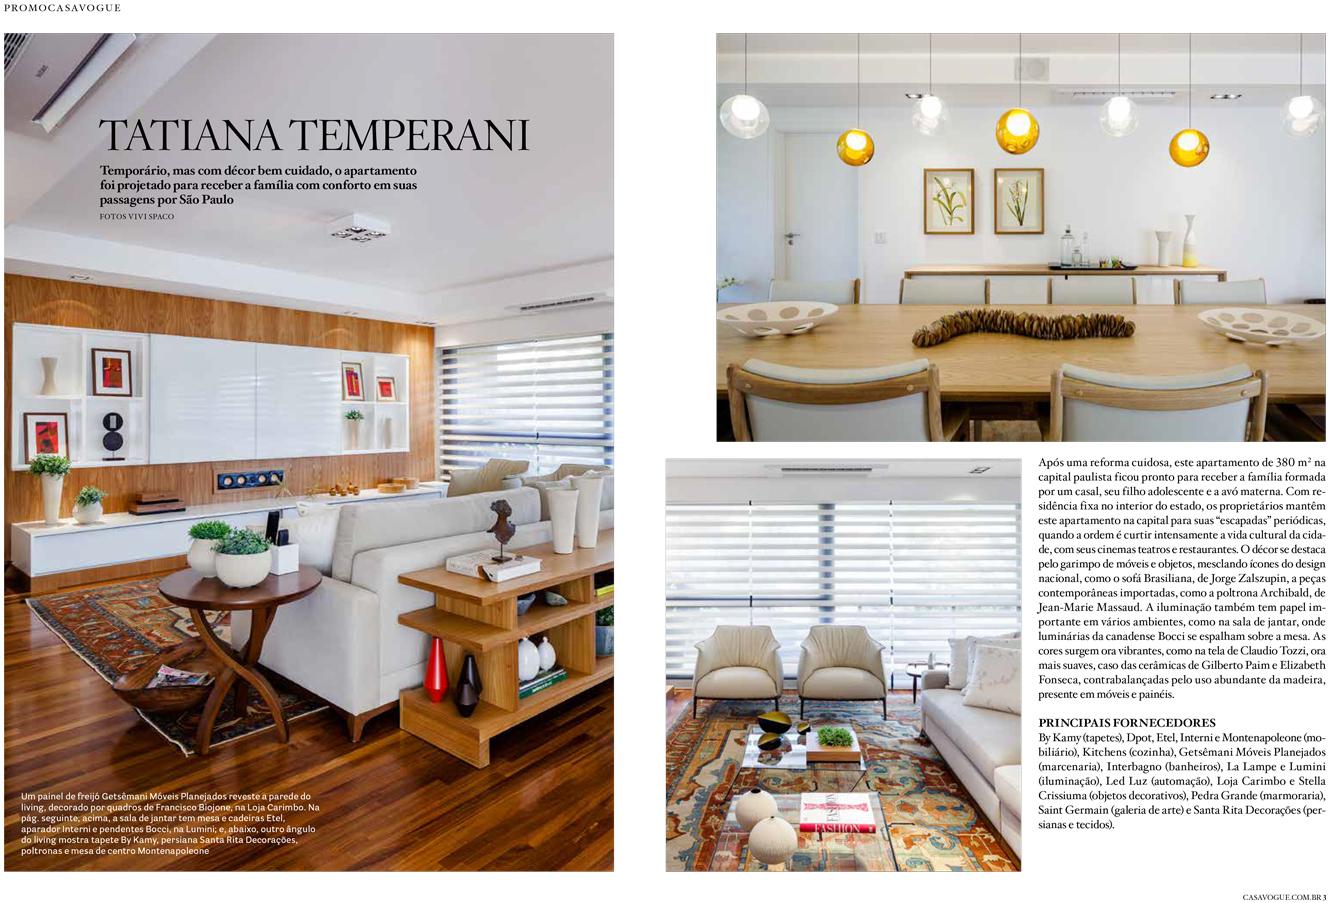 Casa_Vogue_05.jpg